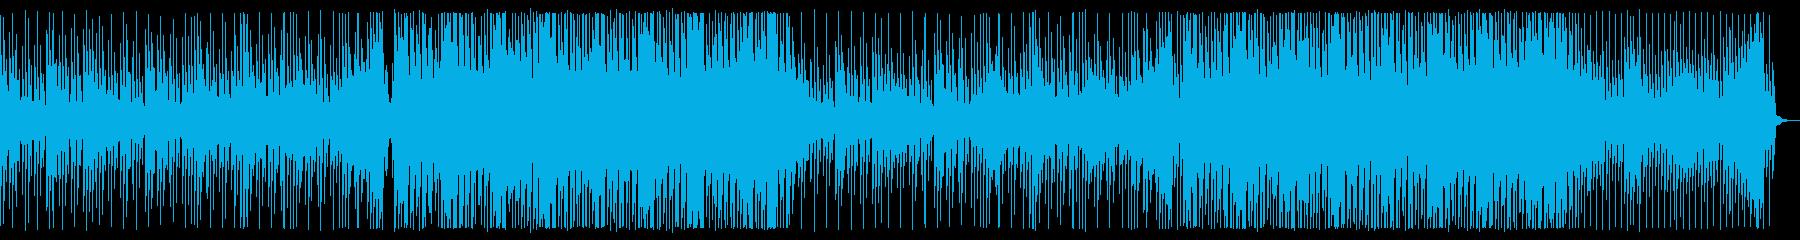 ビデオ。80s。シンセウェーブ。の再生済みの波形